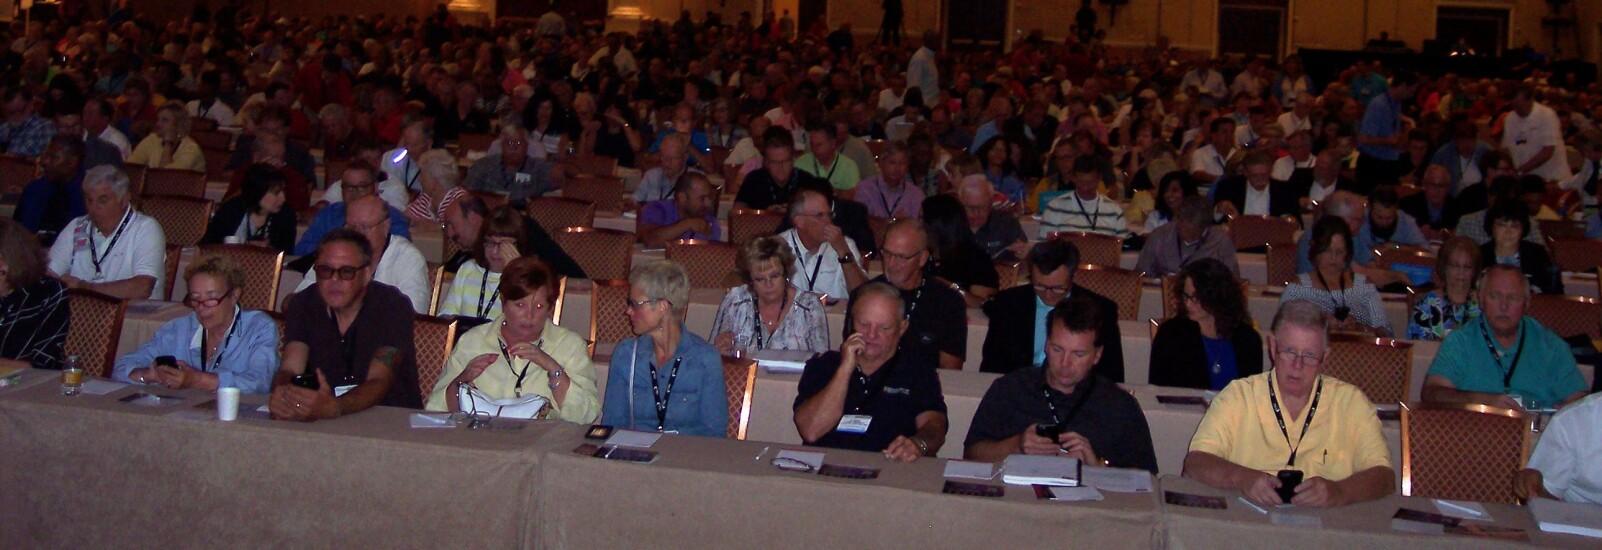 Big Room CU Directors Conf - CUJ 080317.JPG